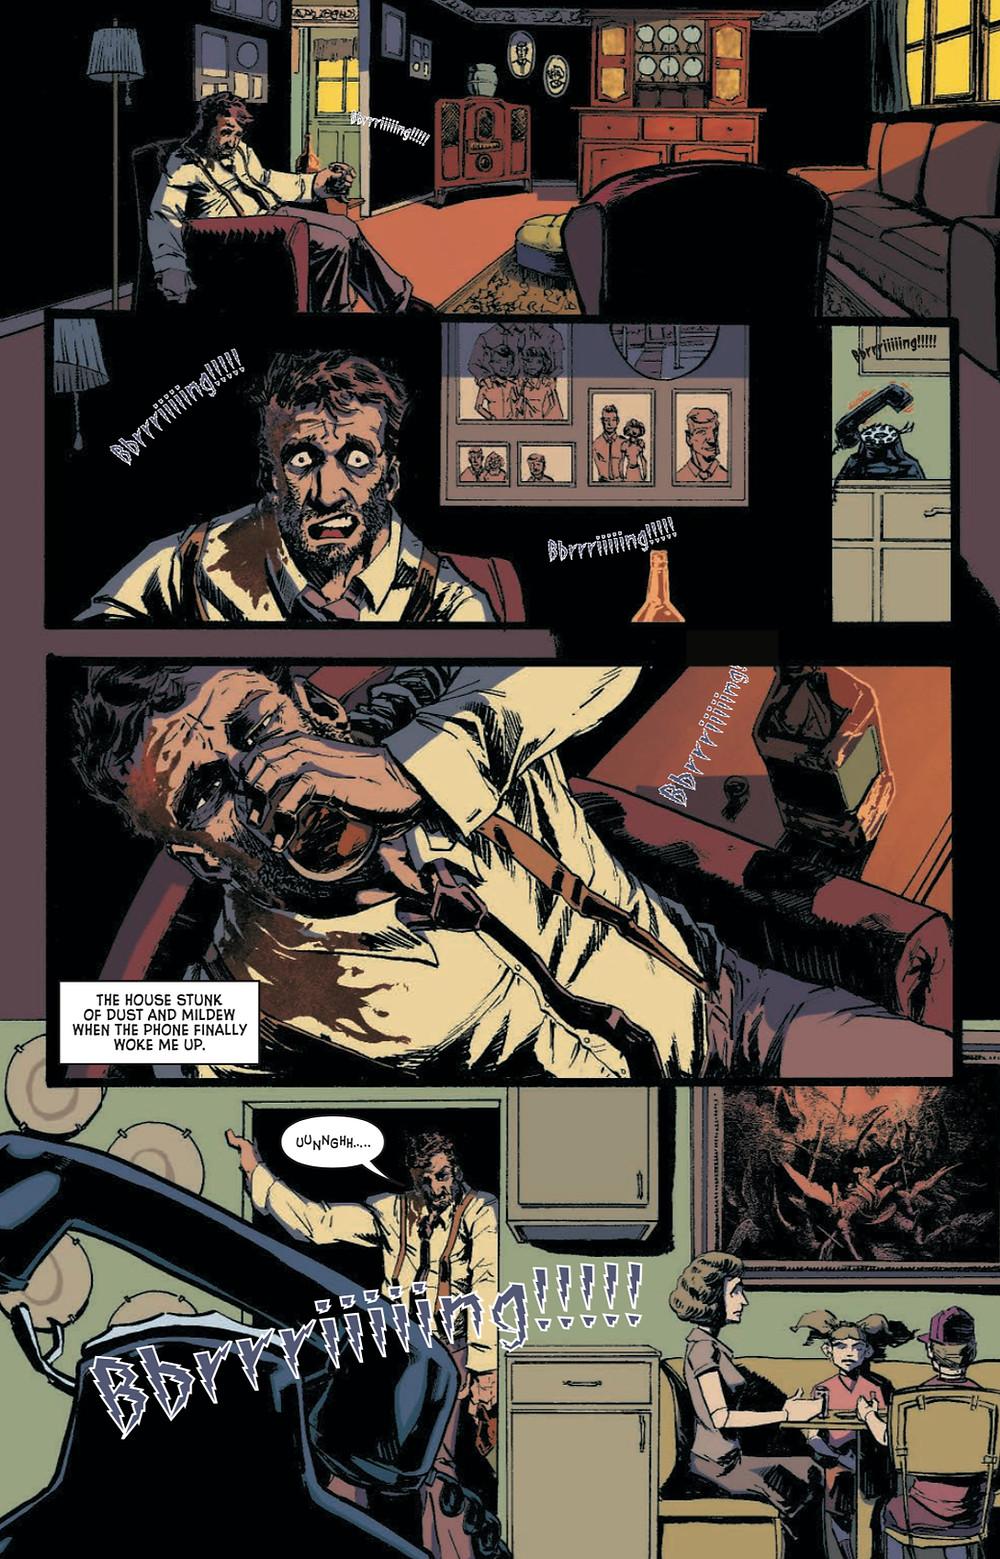 Broderick, issue #1, page 4, Squirt Gun Studios, Bryce/Peteranetz